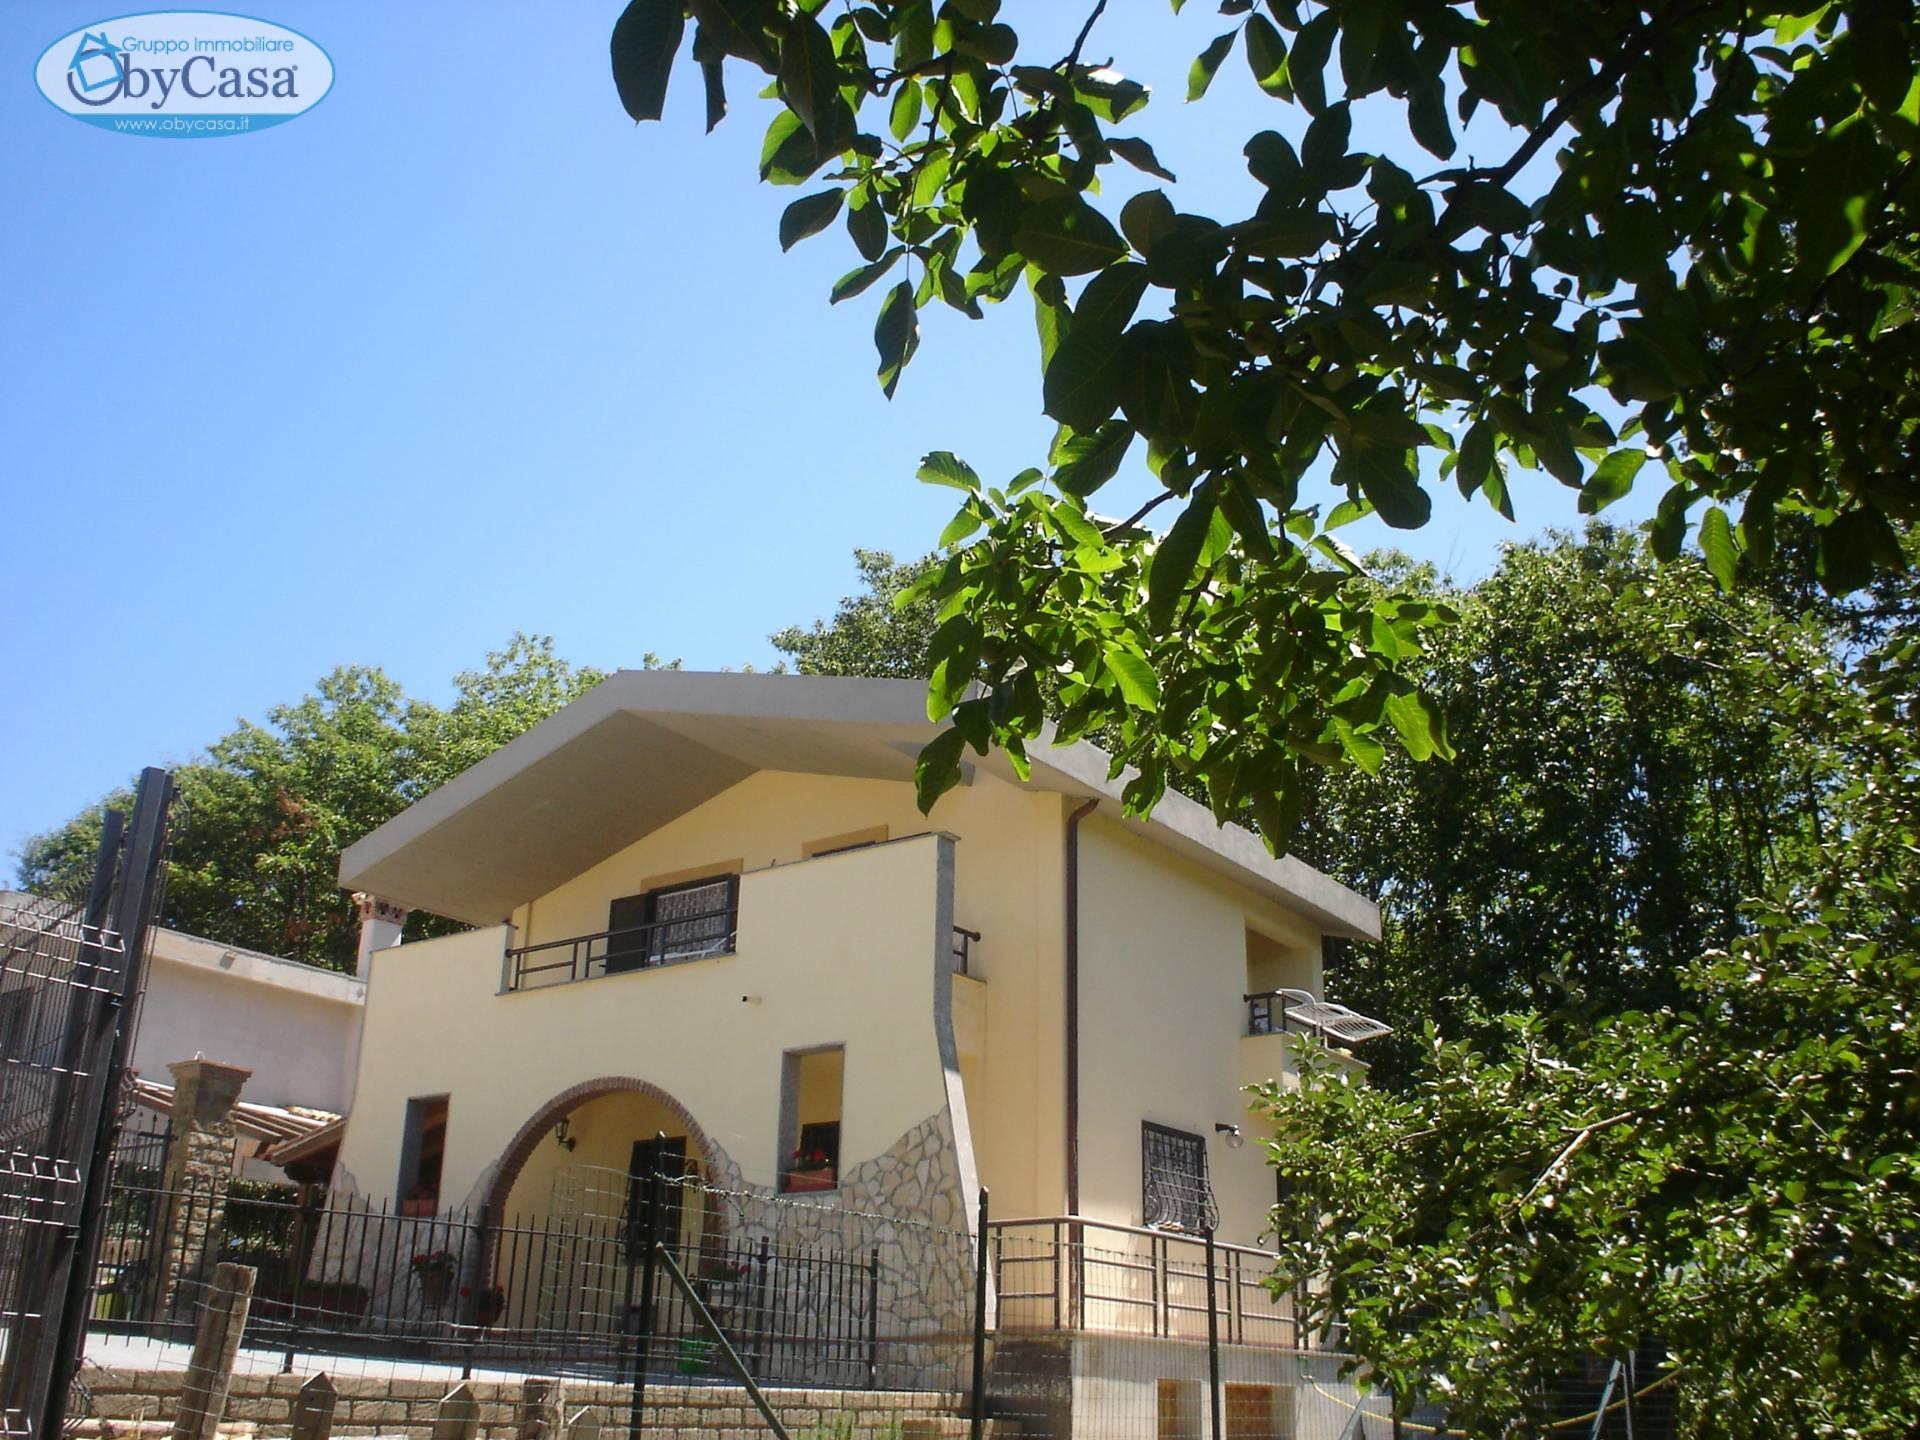 Villa in vendita a Canale Monterano, 8 locali, zona Zona: Montevirginio, prezzo € 219.000 | CambioCasa.it